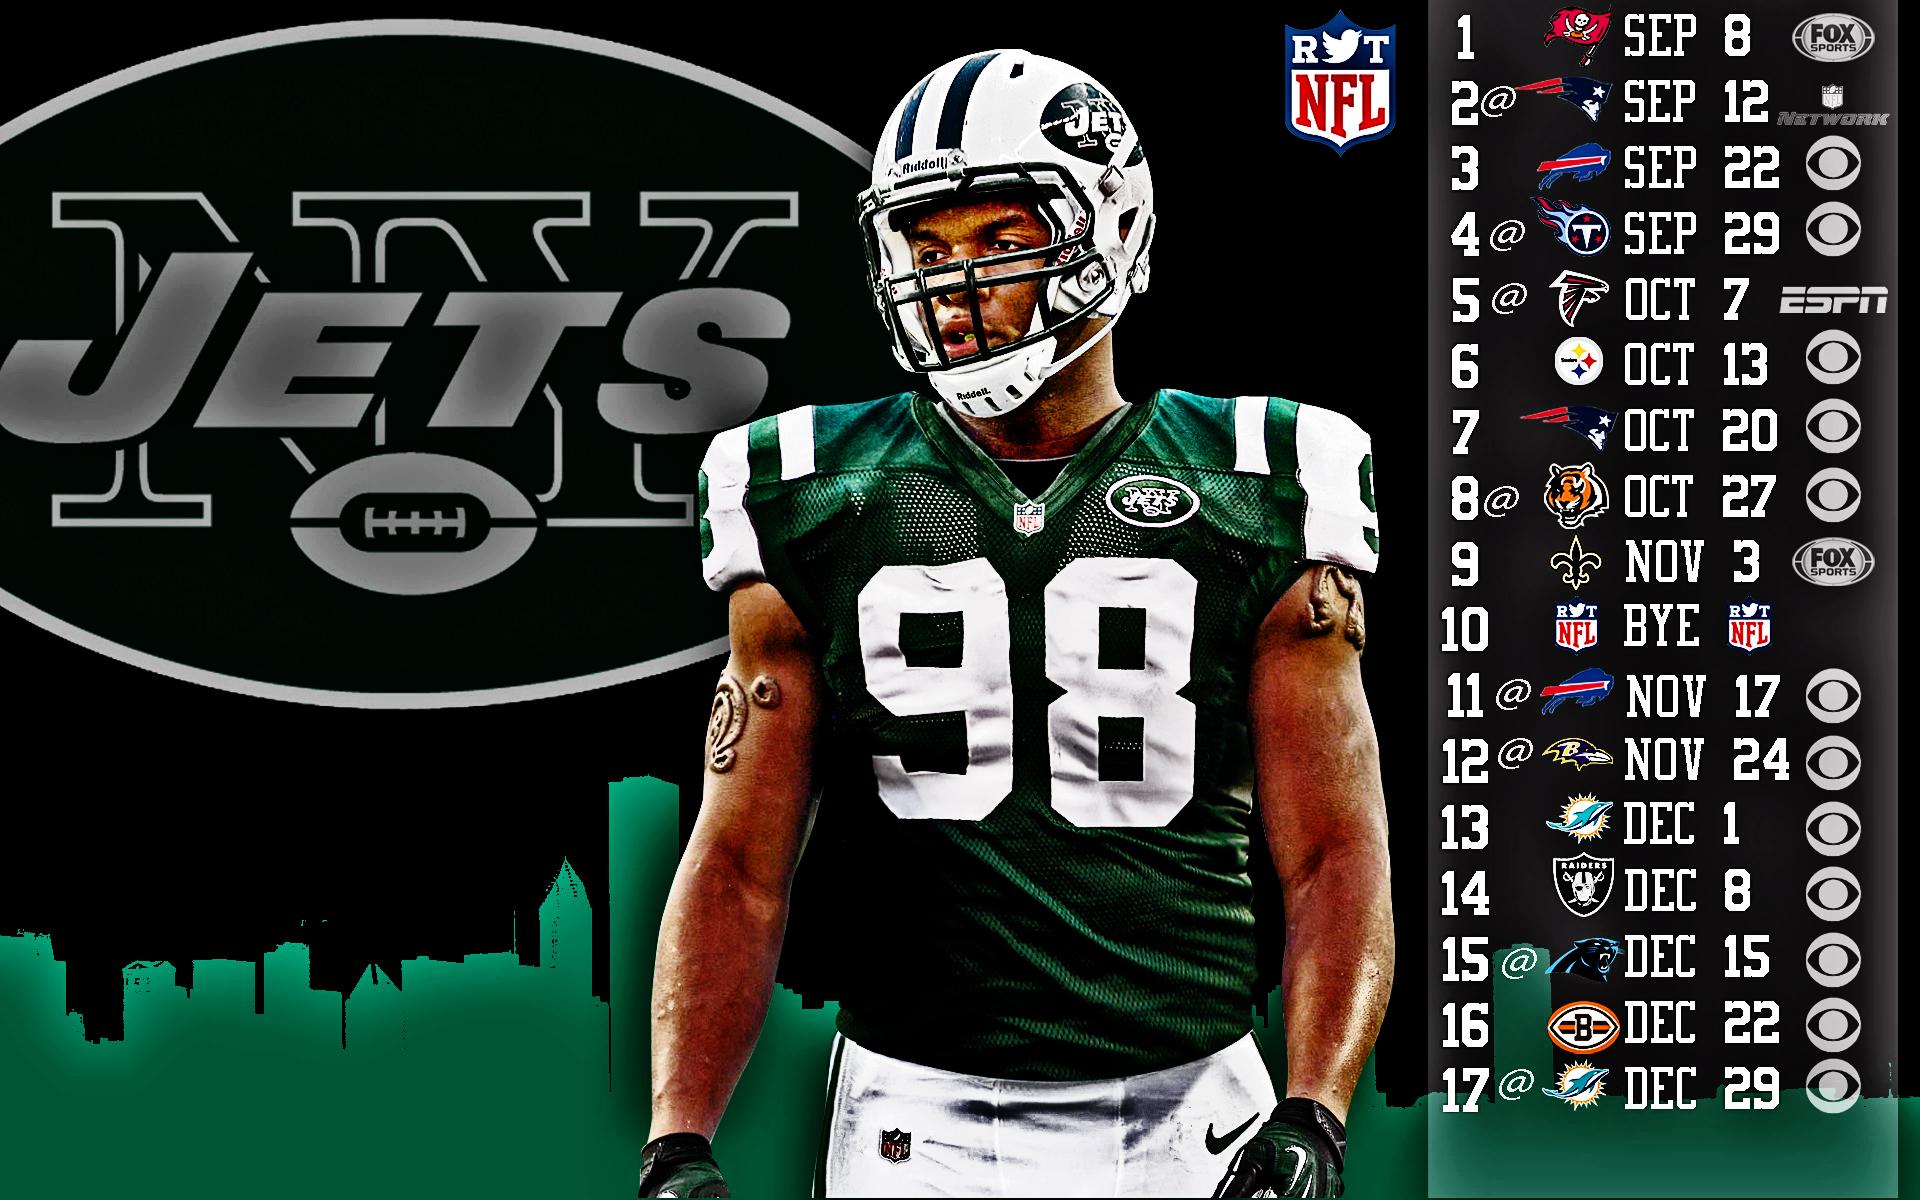 new york giants schedule wallpaper 2013 gallery